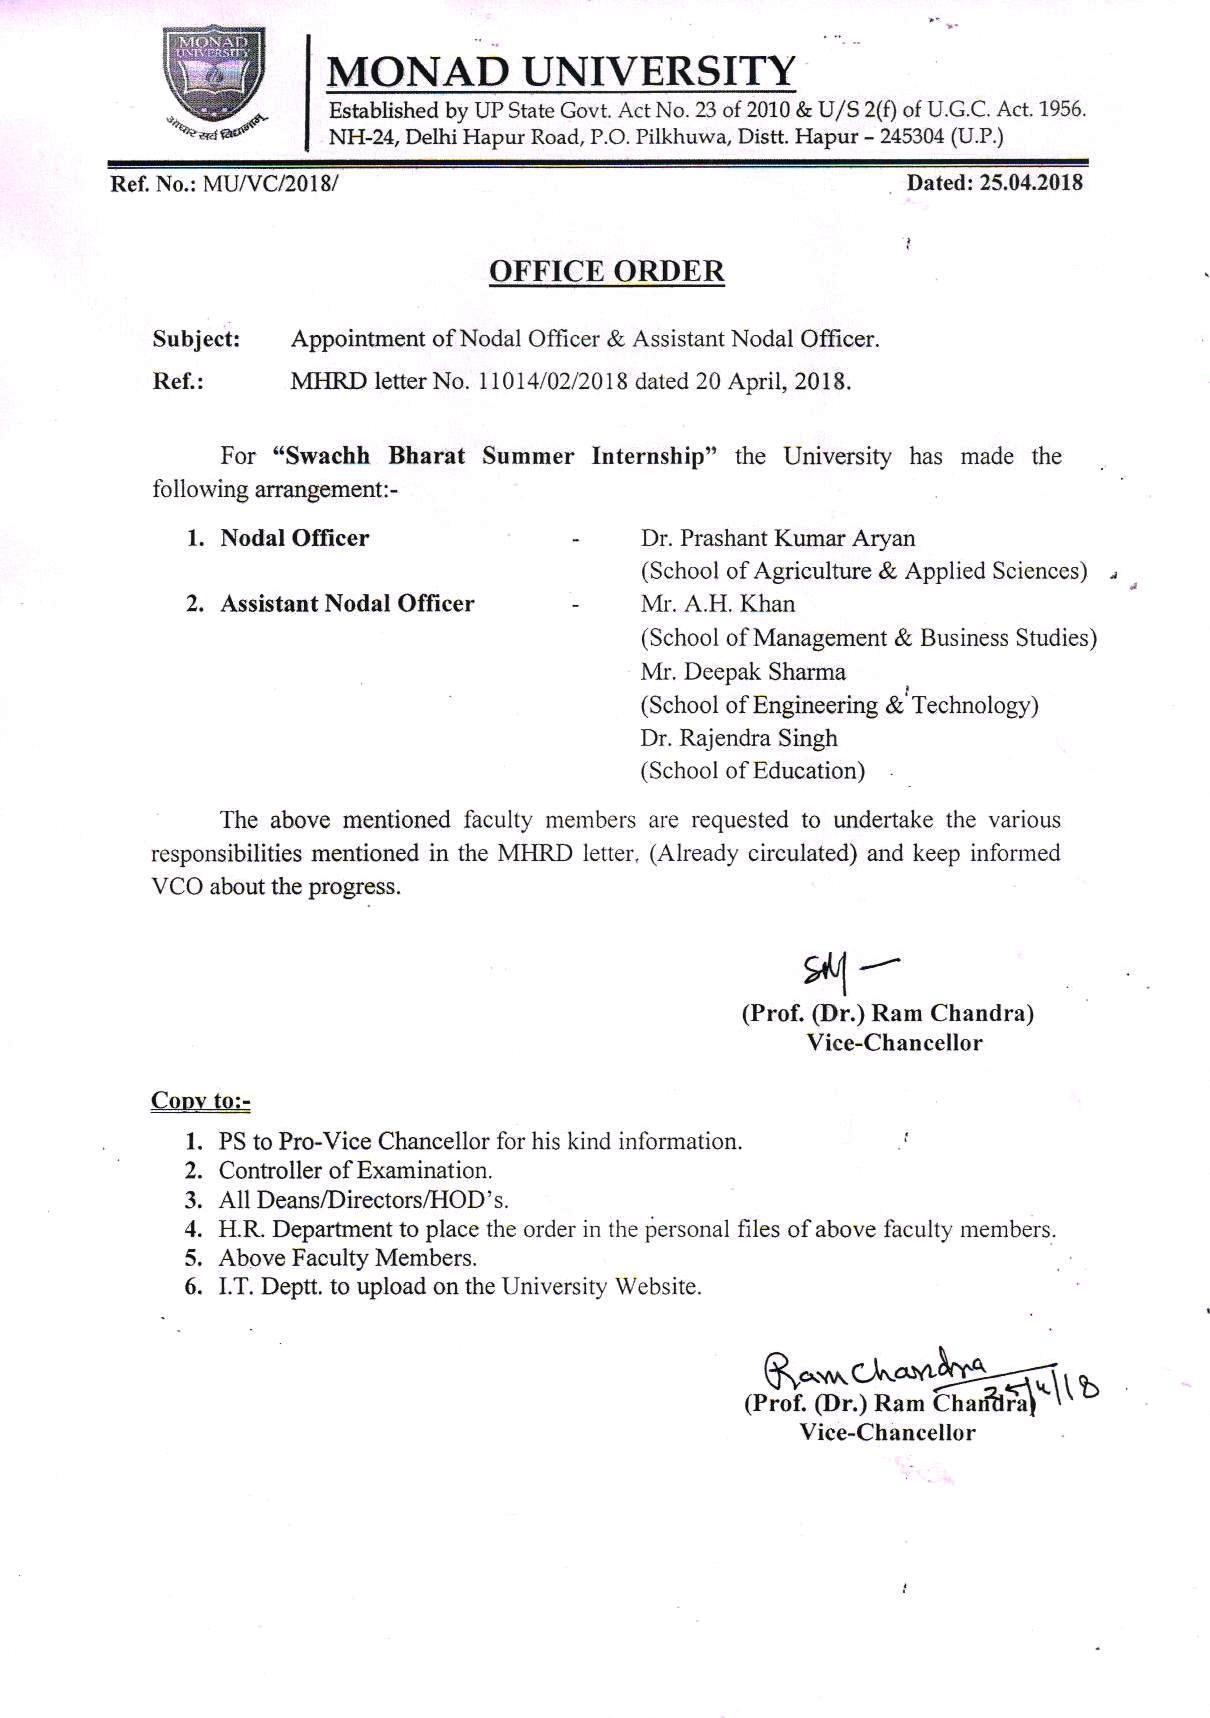 swach bharat summer internship